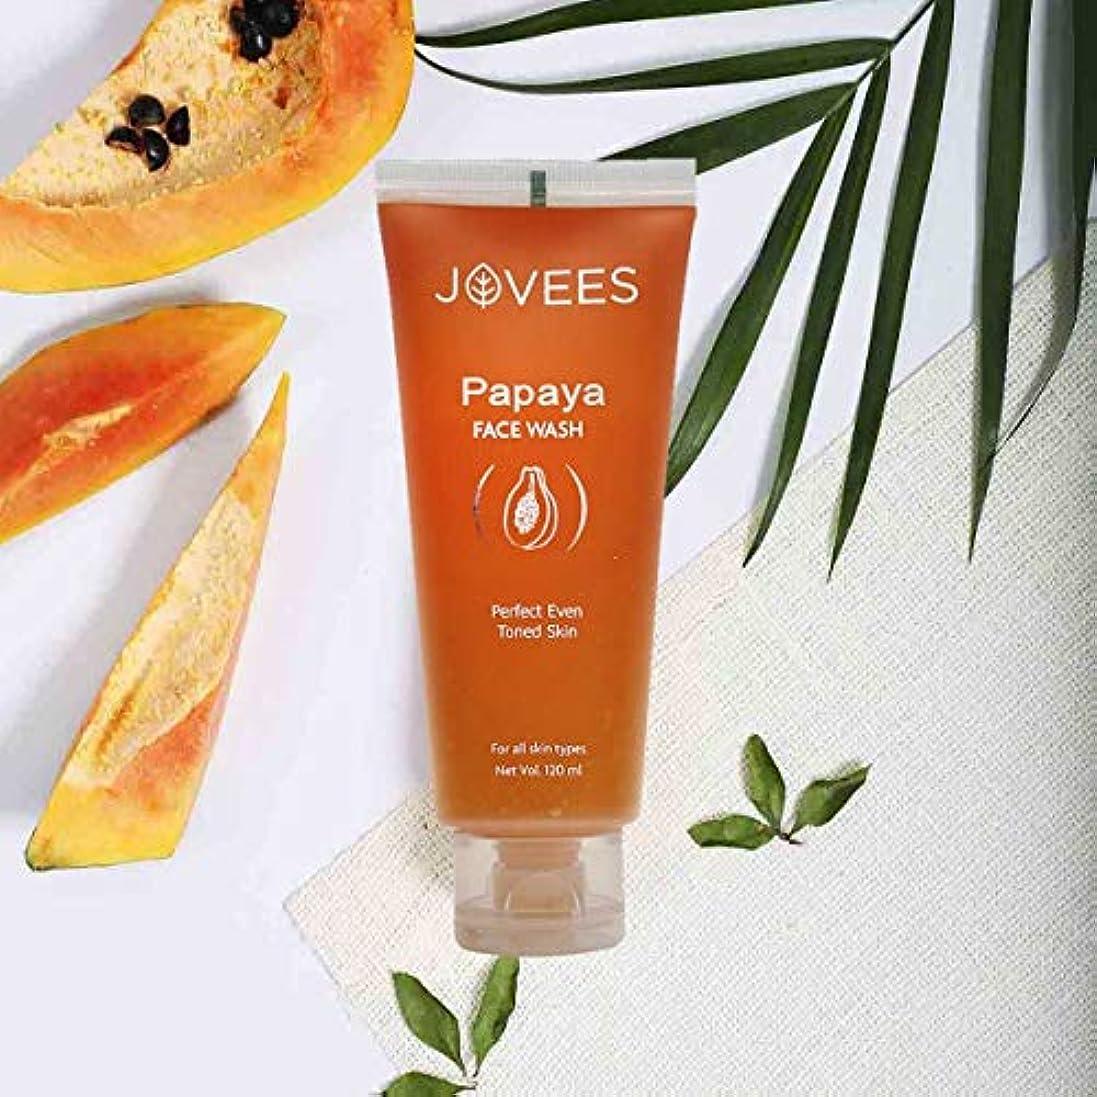 気を散らす頭痛対応Jovees Papaya Face Wash 120ml Papaya & Vitamin A For Perfect Even Toned Skin パパイヤ洗顔用パパイヤ&ビタミンA